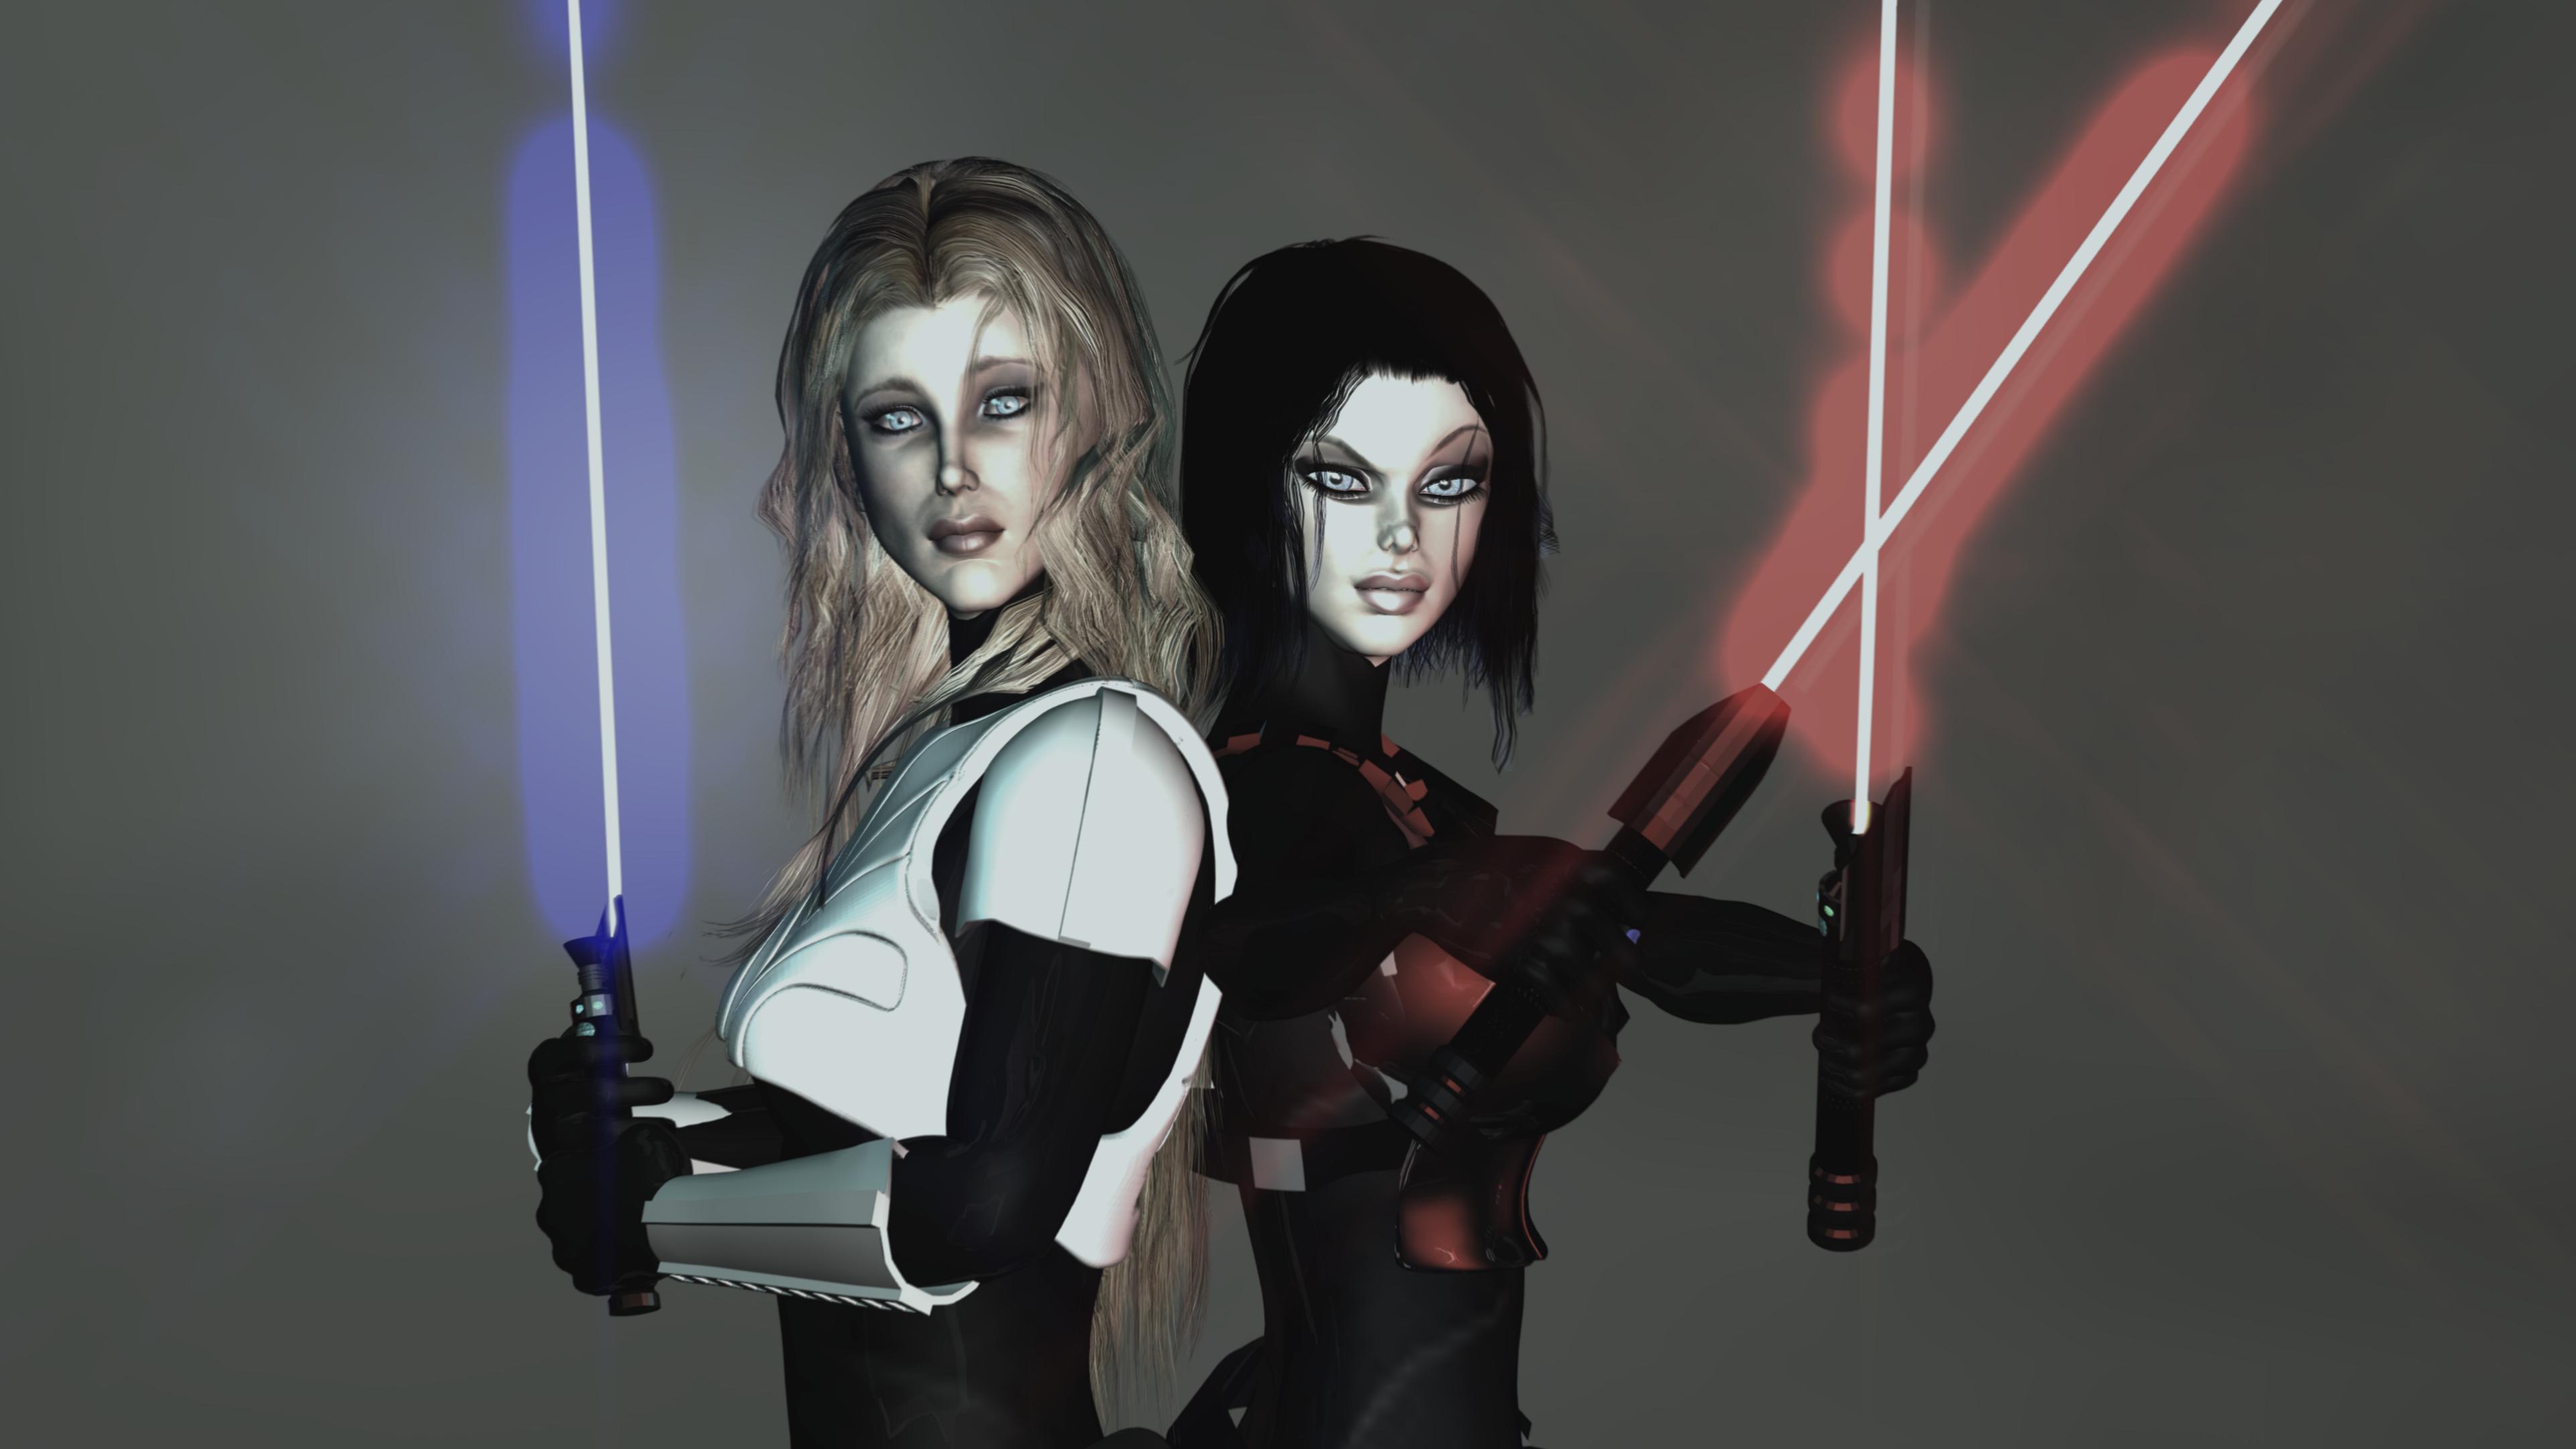 Sci Fi Star Wars 3840x2160